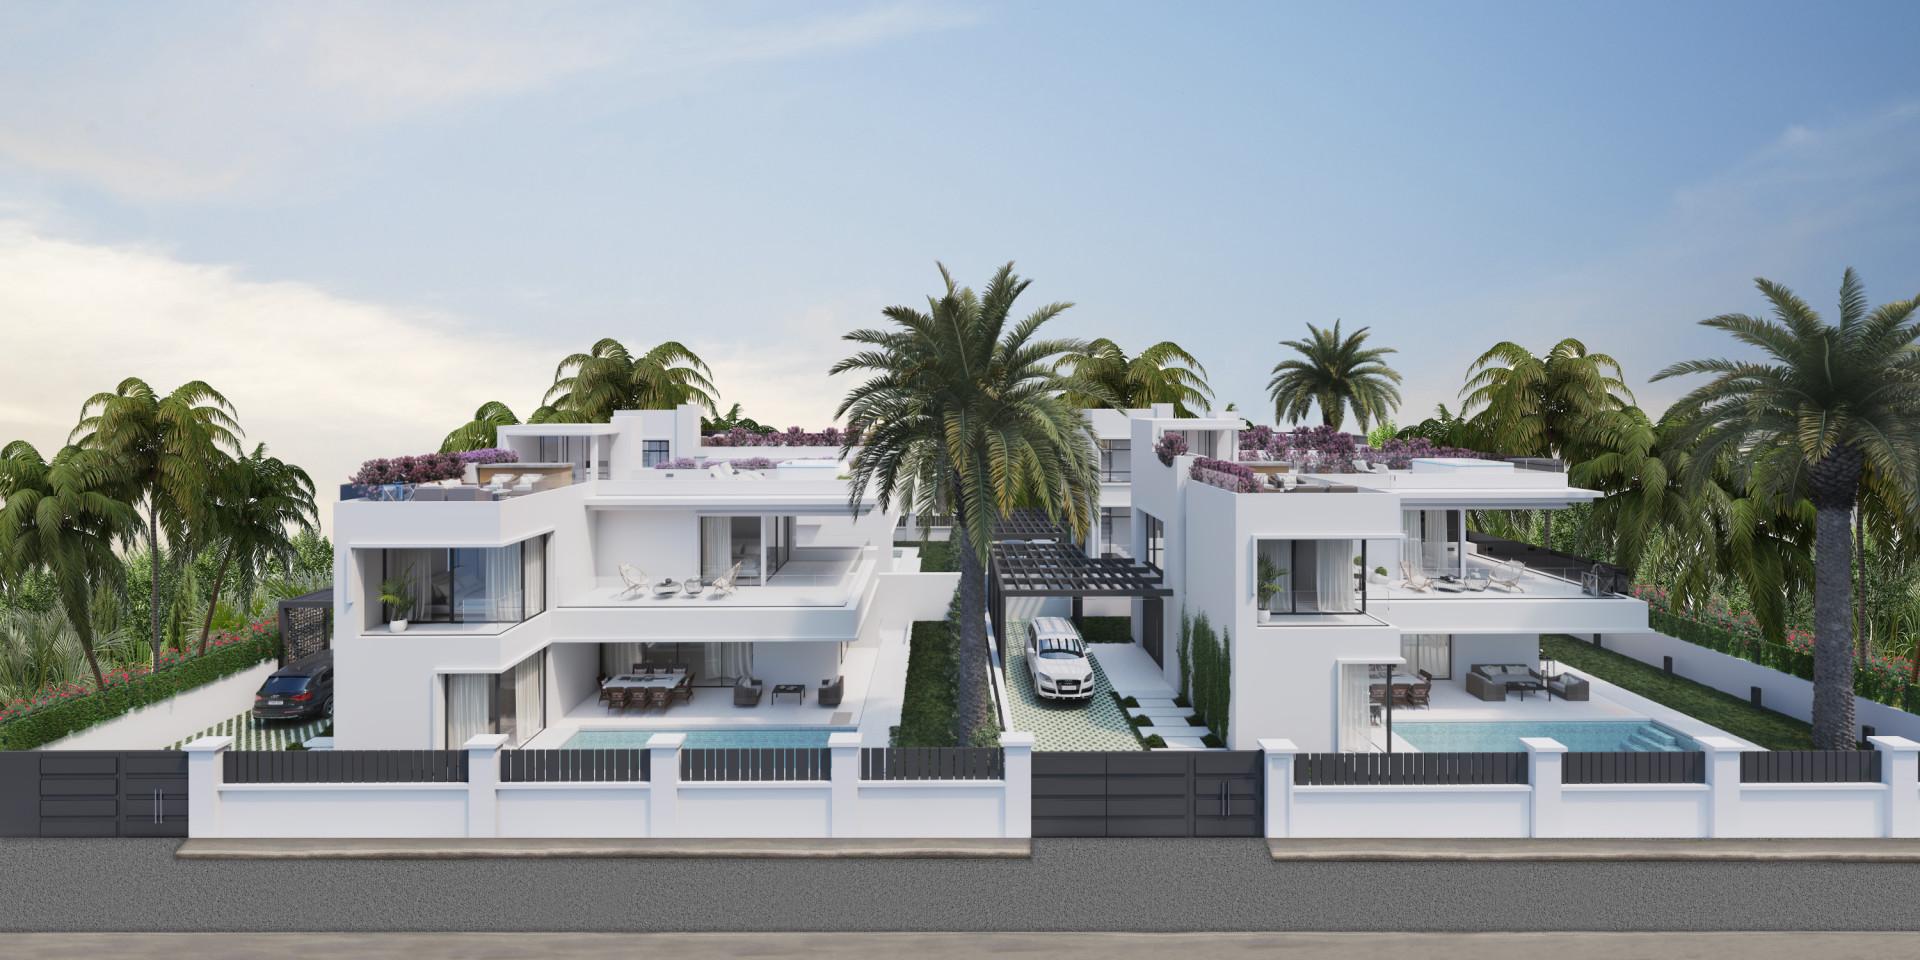 ARFV2139 - Neubauvillen zum Verkauf in Strandlage in der Goldenen Meile von Marbella